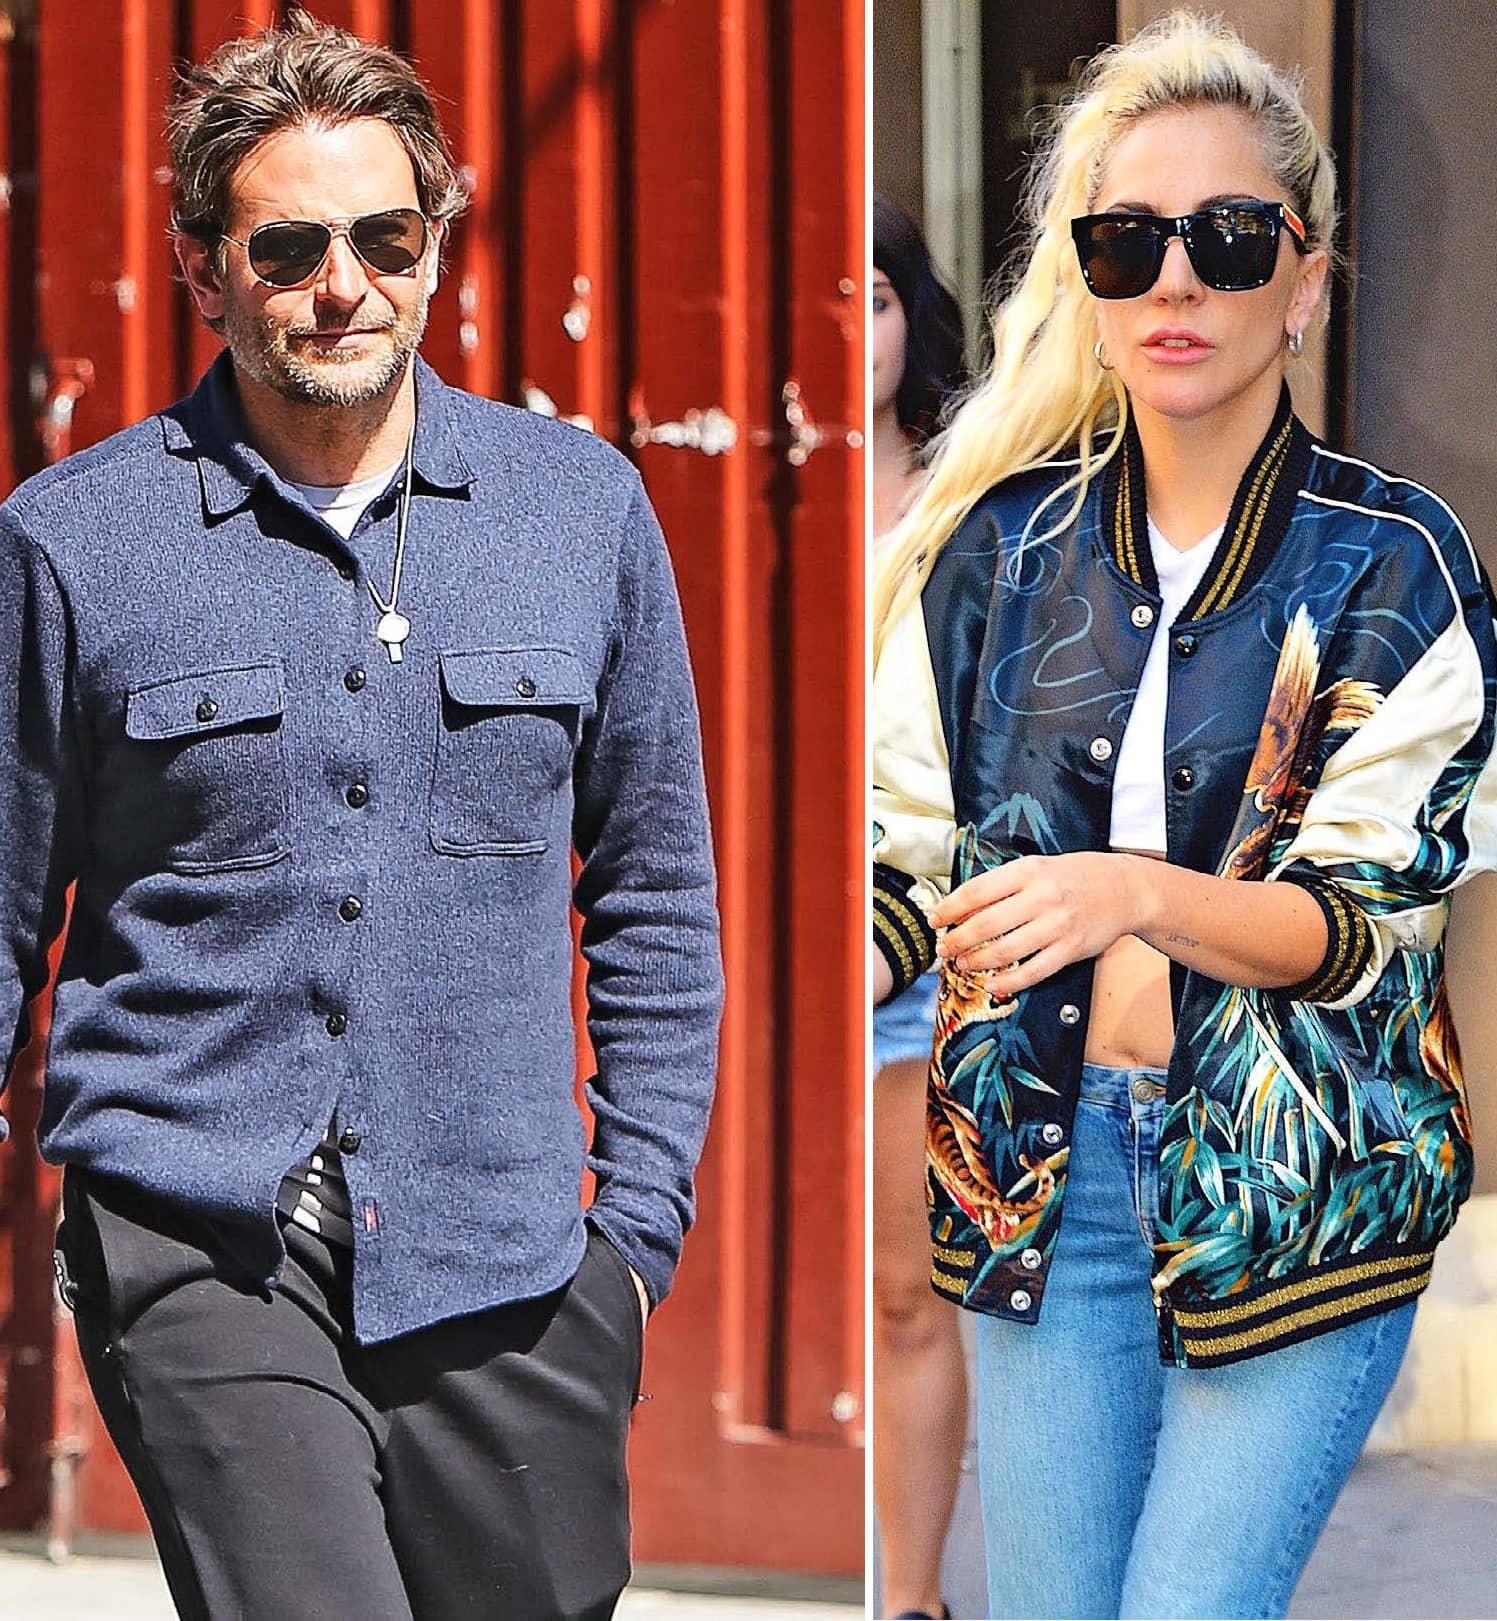 Bradley & Gaga - What Went Wrong